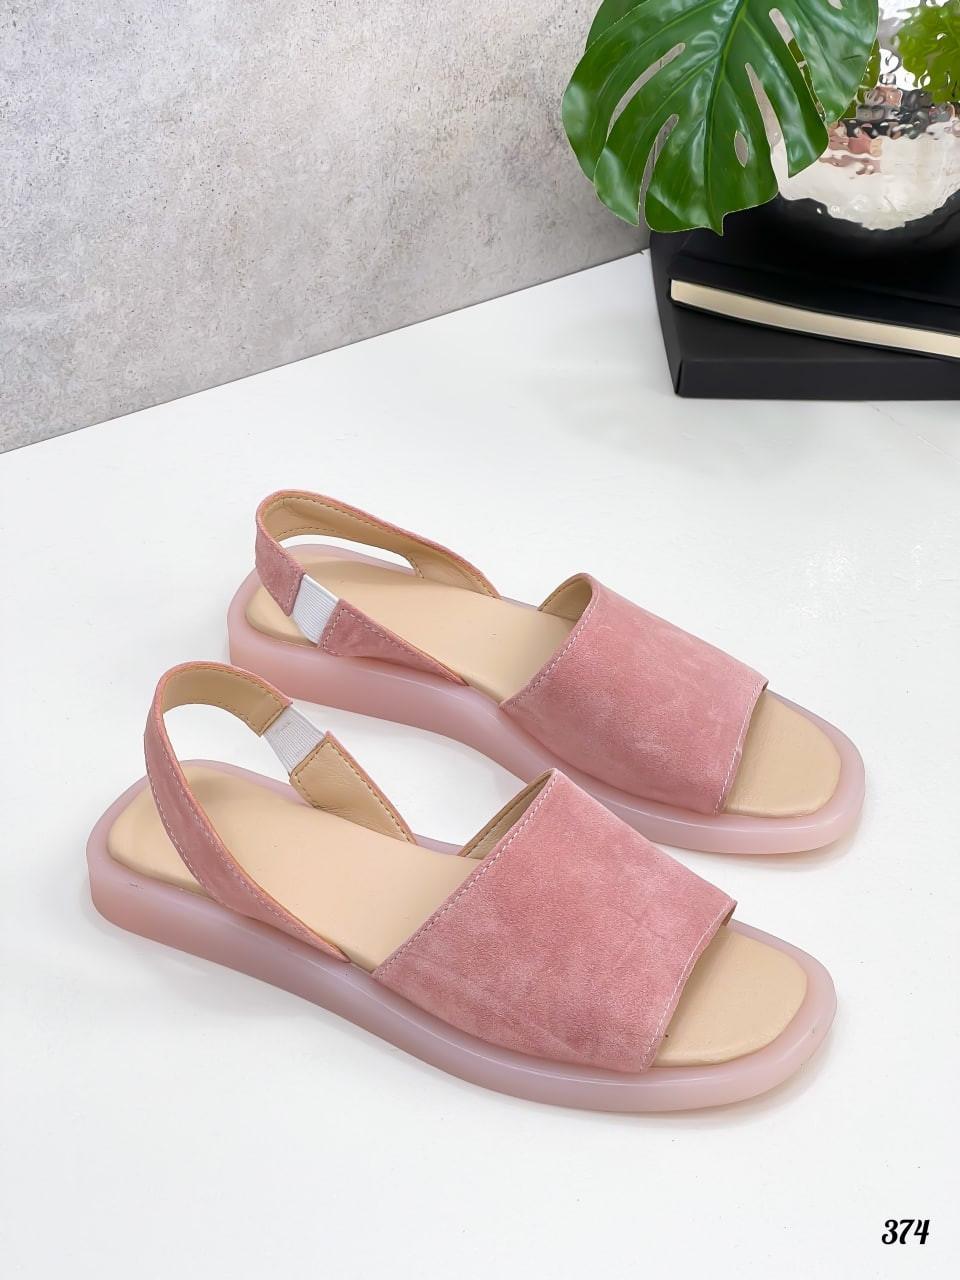 Босоножки - менорки женские розовые/ пудровые натуральная замша